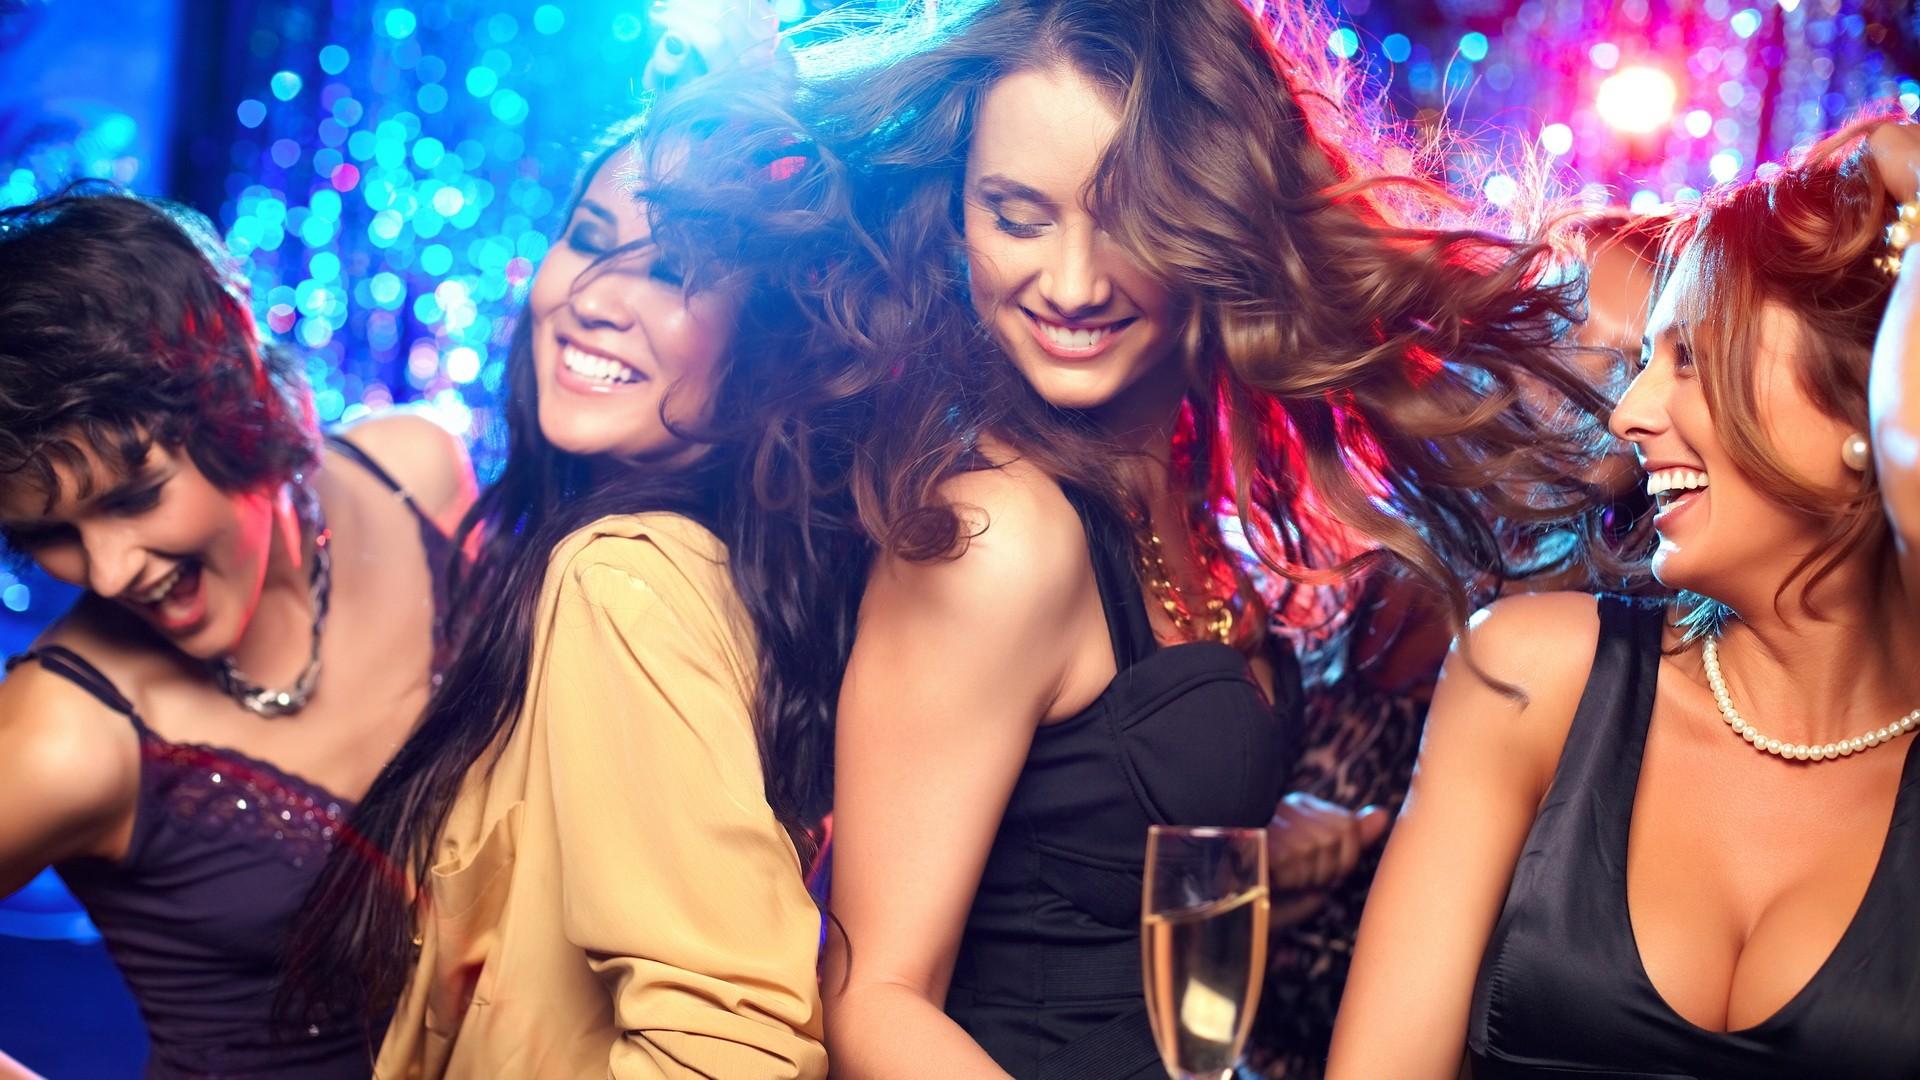 Wallpaper : women, dancing, rave, smiling, audience, singing